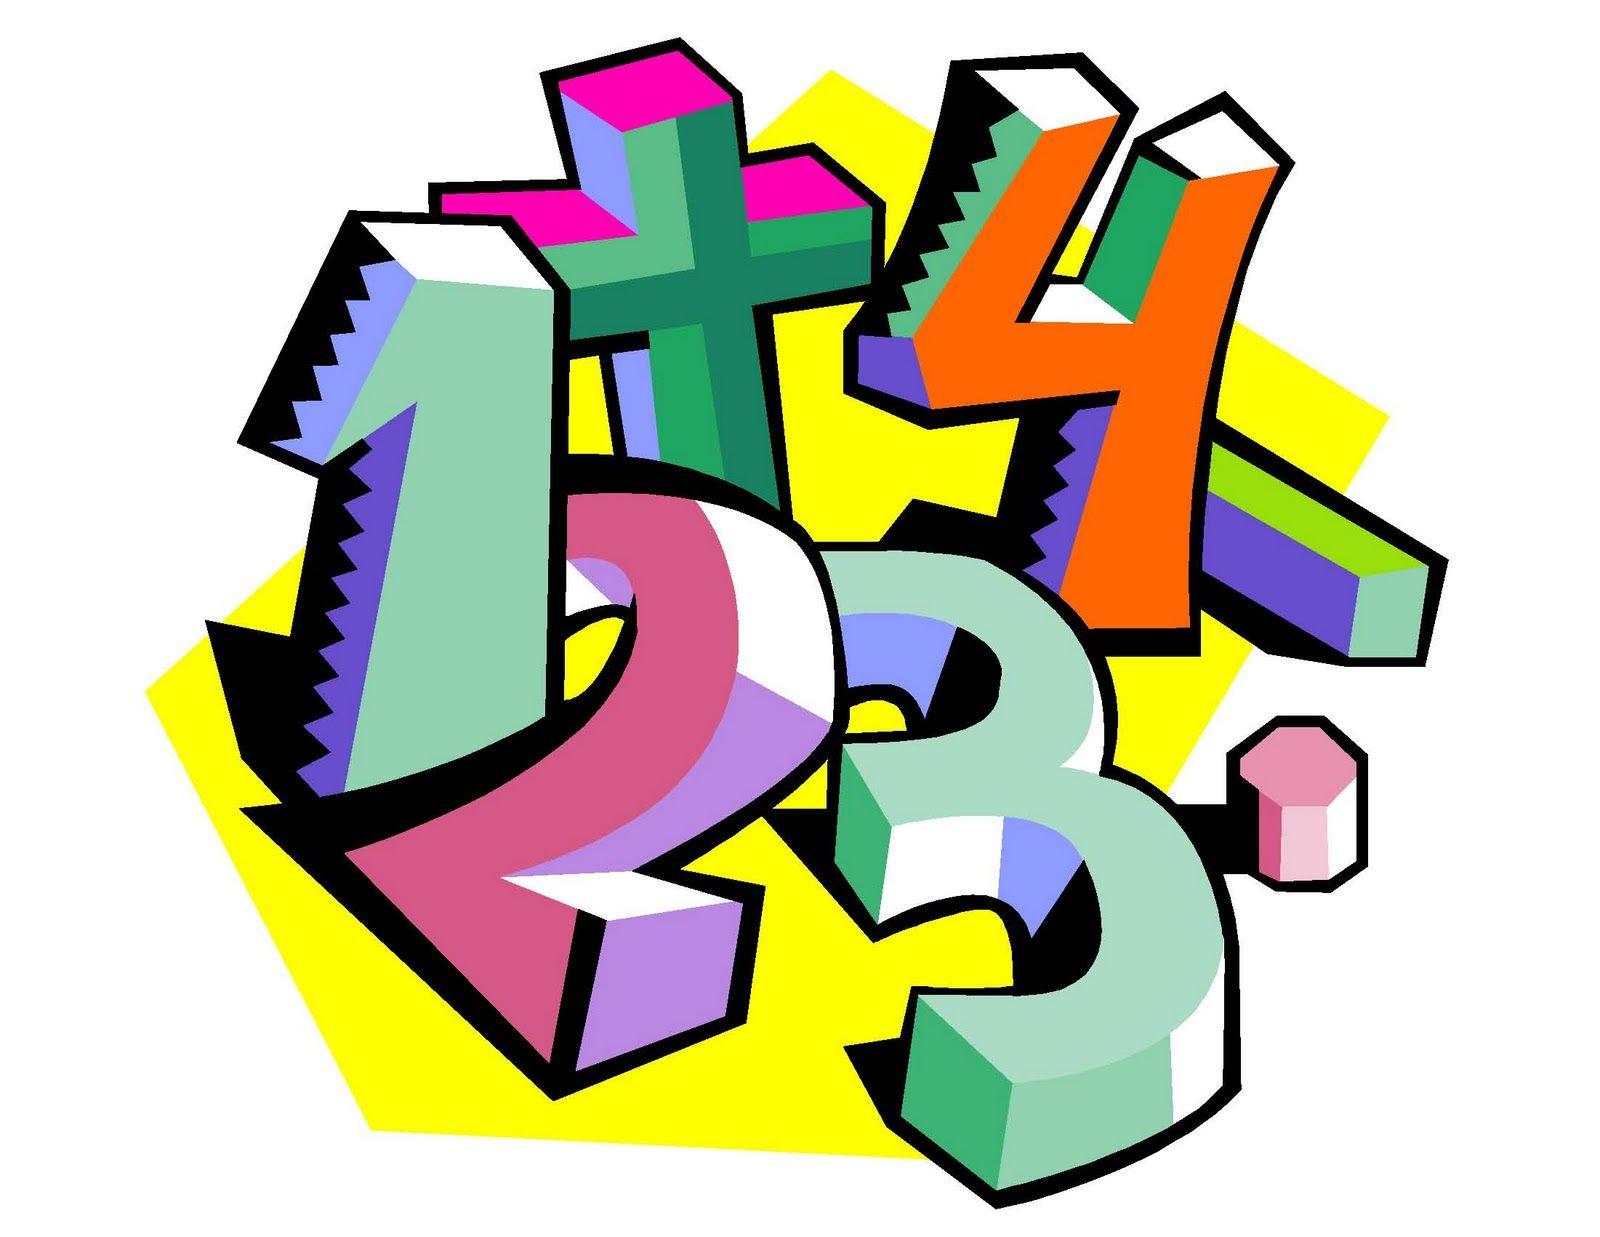 Tener Math At 8 25